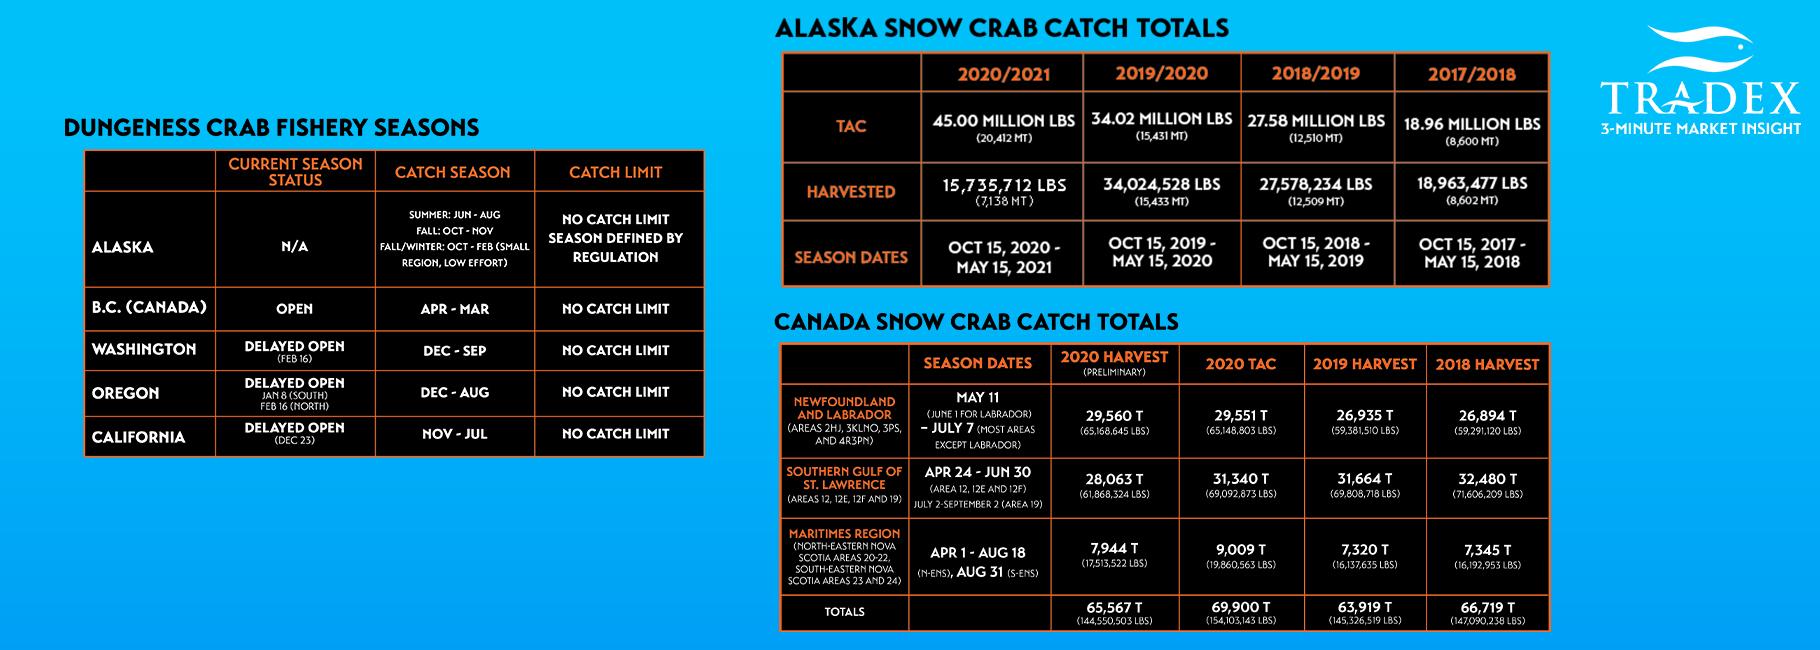 Alaska & Canada Snow Crab Harvest Totals and Seasons Dates